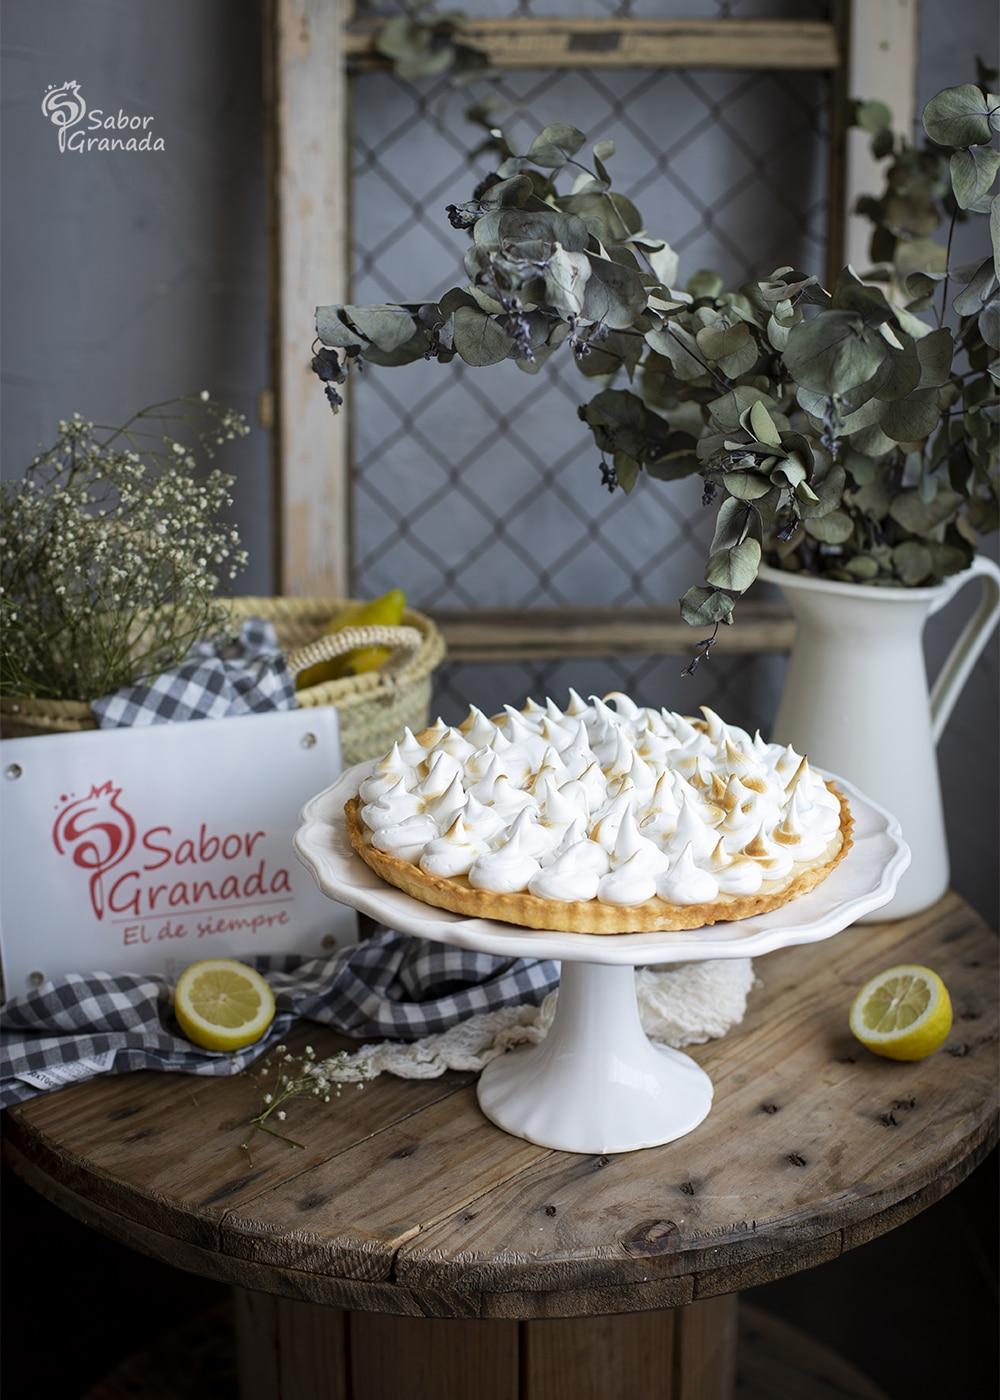 Tarta de limón y merengue - Sabor Granada